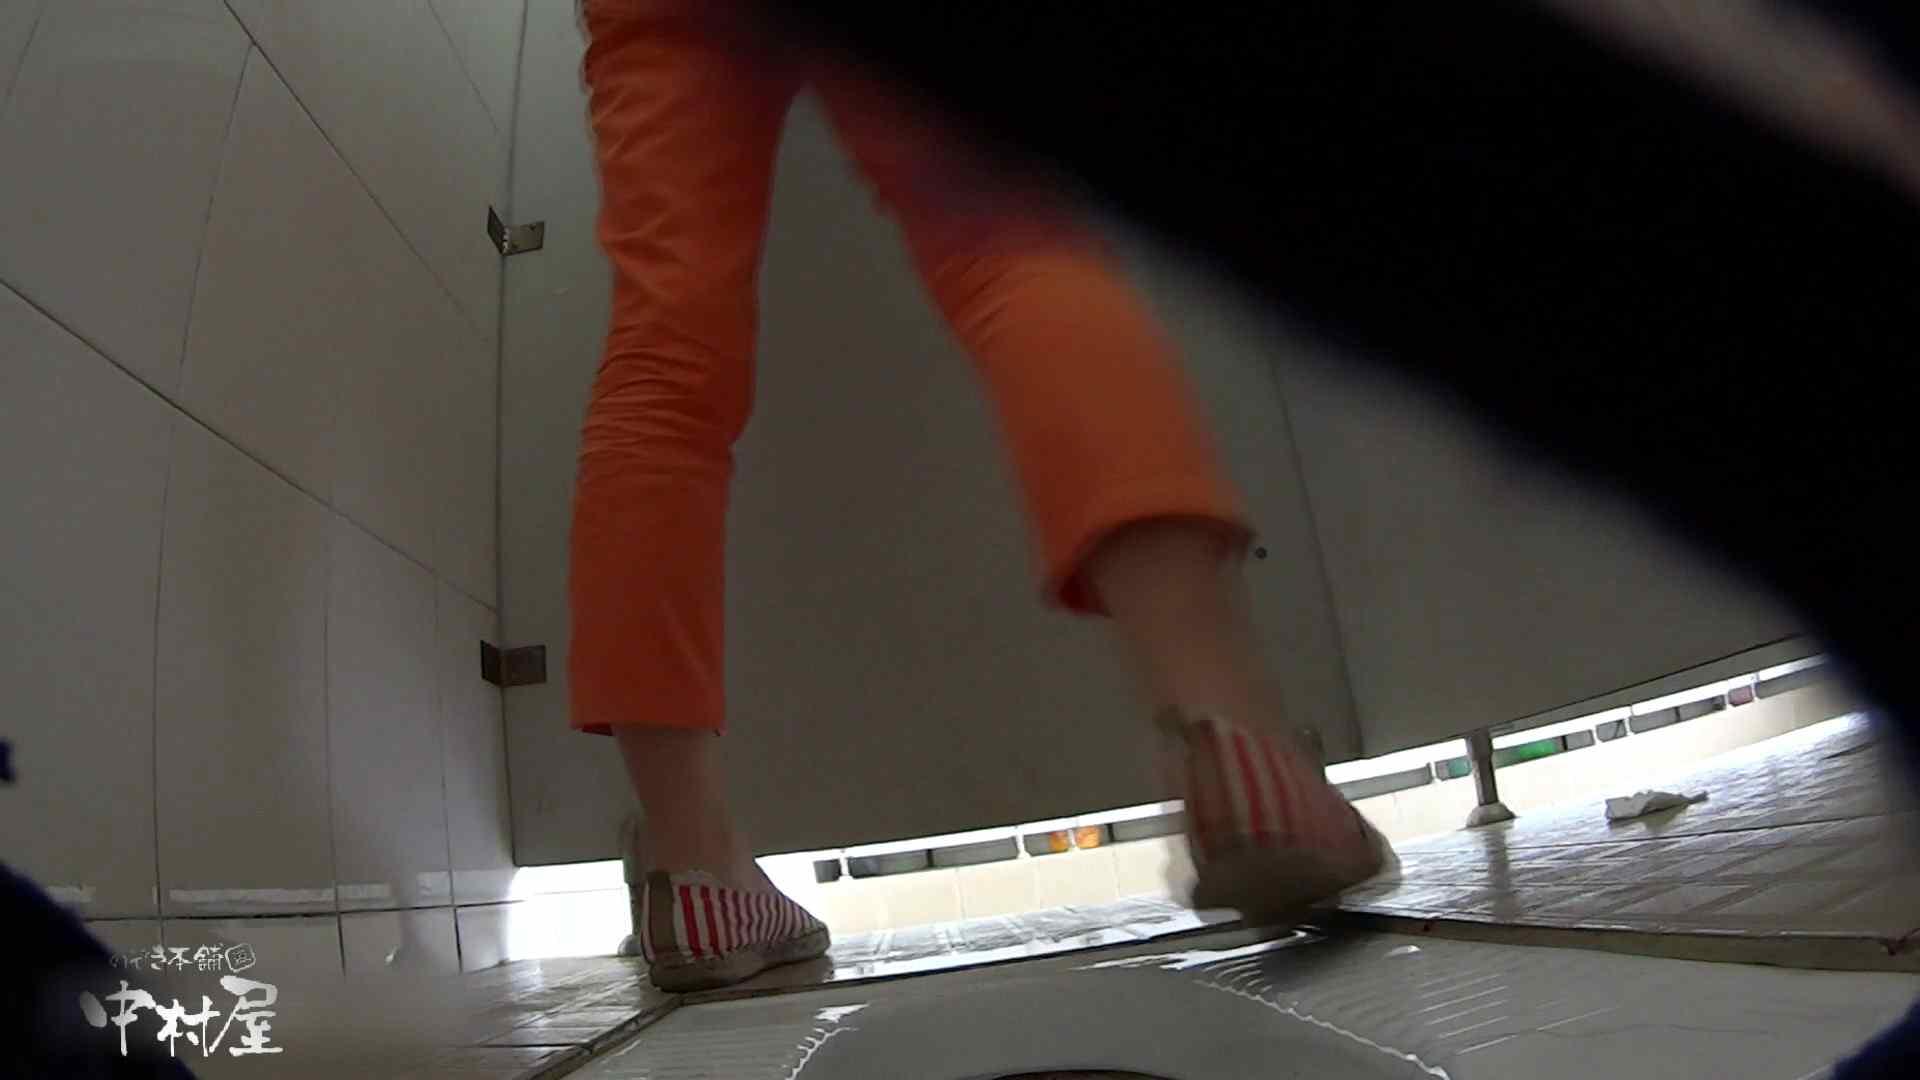 高画質フルハイビジョン眼鏡女子が多数出演!有名大学休憩時間の洗面所事情08 盗撮師作品 | 高画質  86pic 7